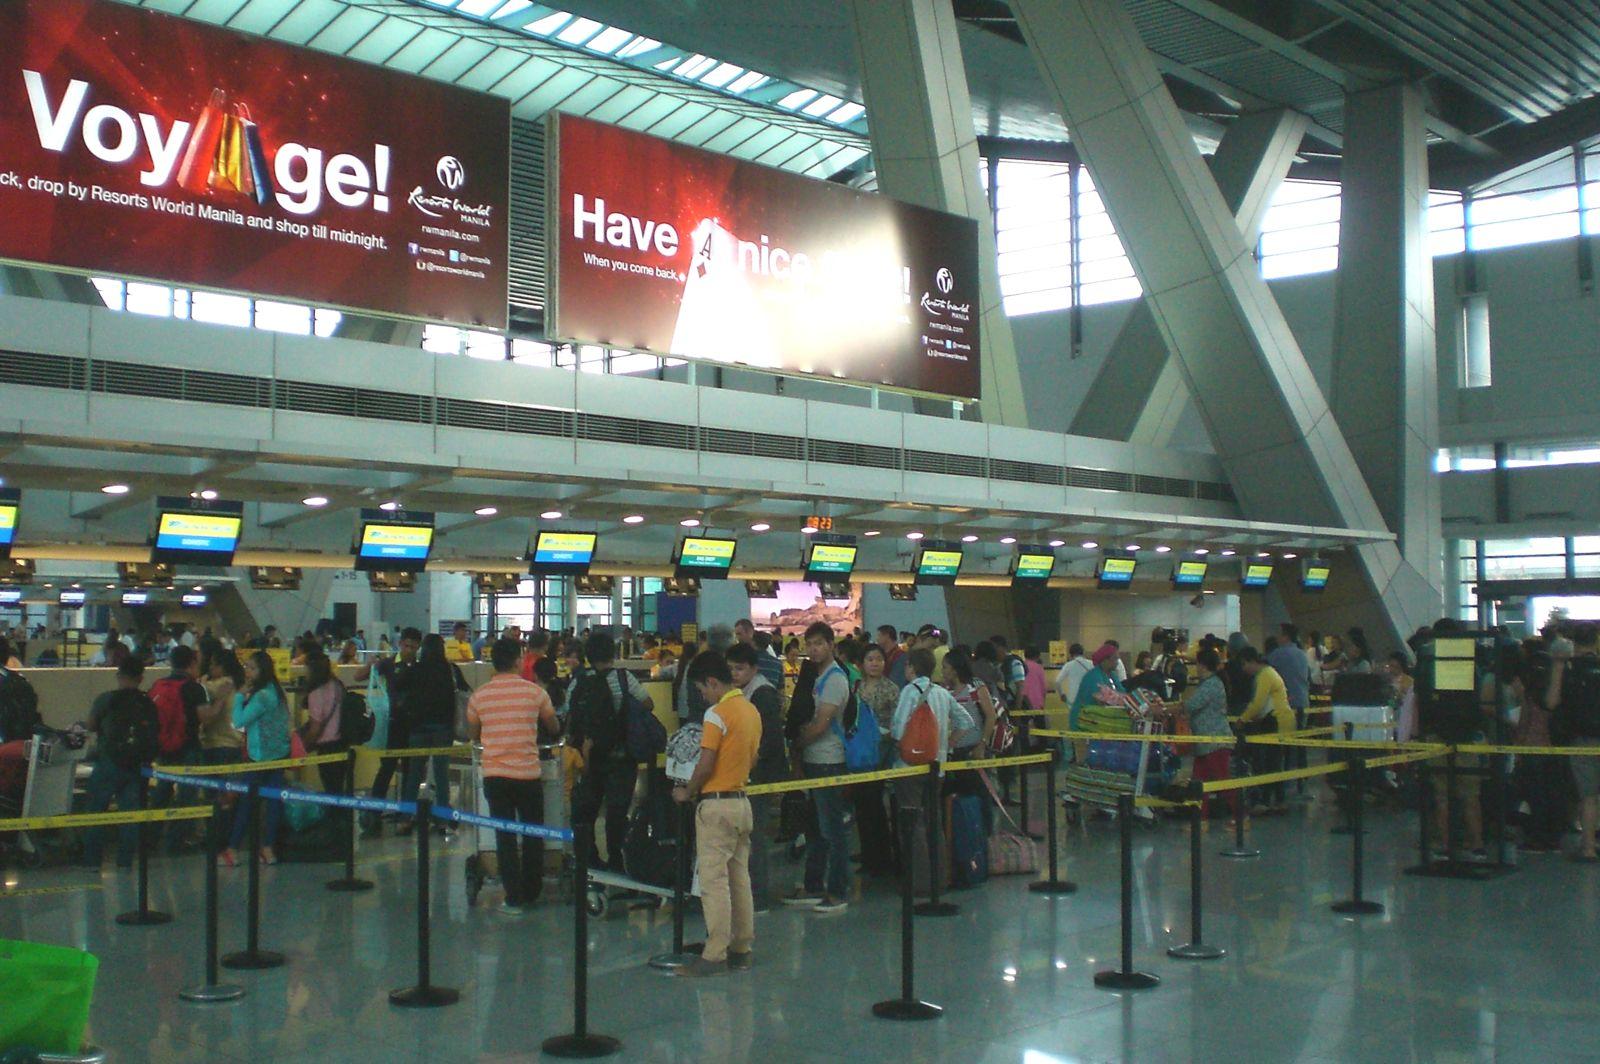 Регистрация на вылетающие рейсы в терминале 3 аэропорта Манилы